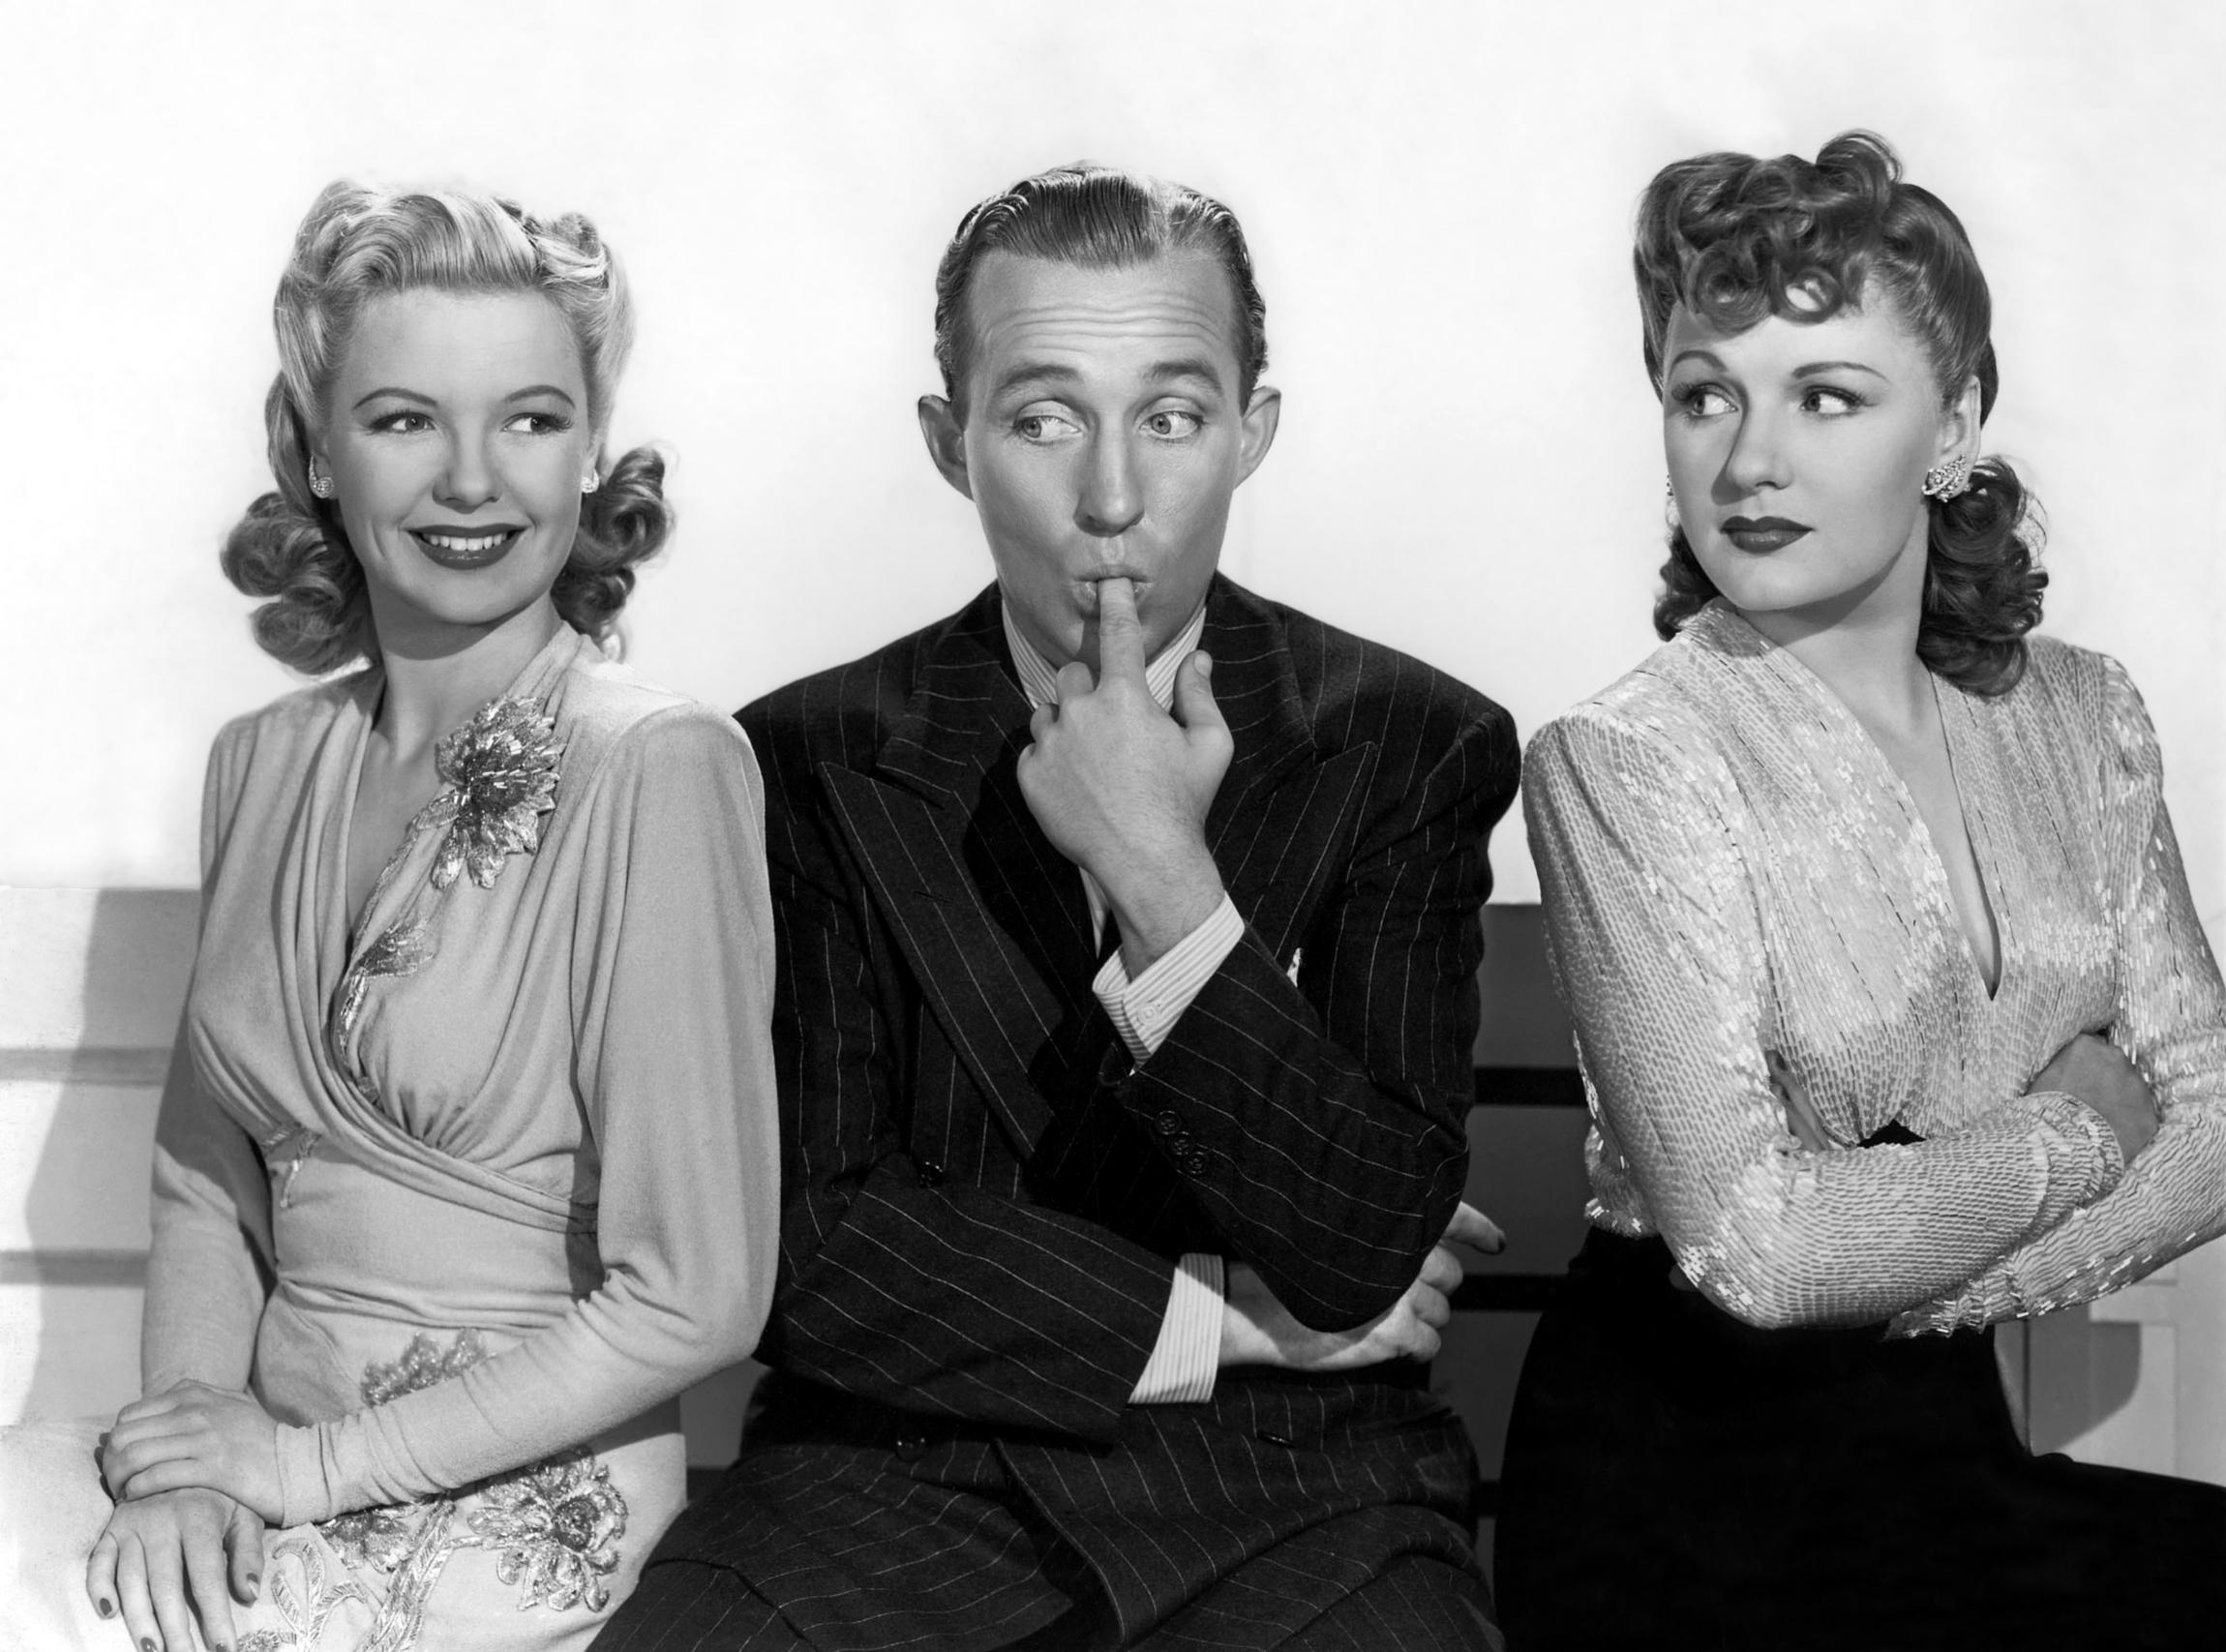 Marjorie Reynolds in Holiday Inn with (L to R)  Marjorie Reynolds, Bing Crosby,  Virginia Dale